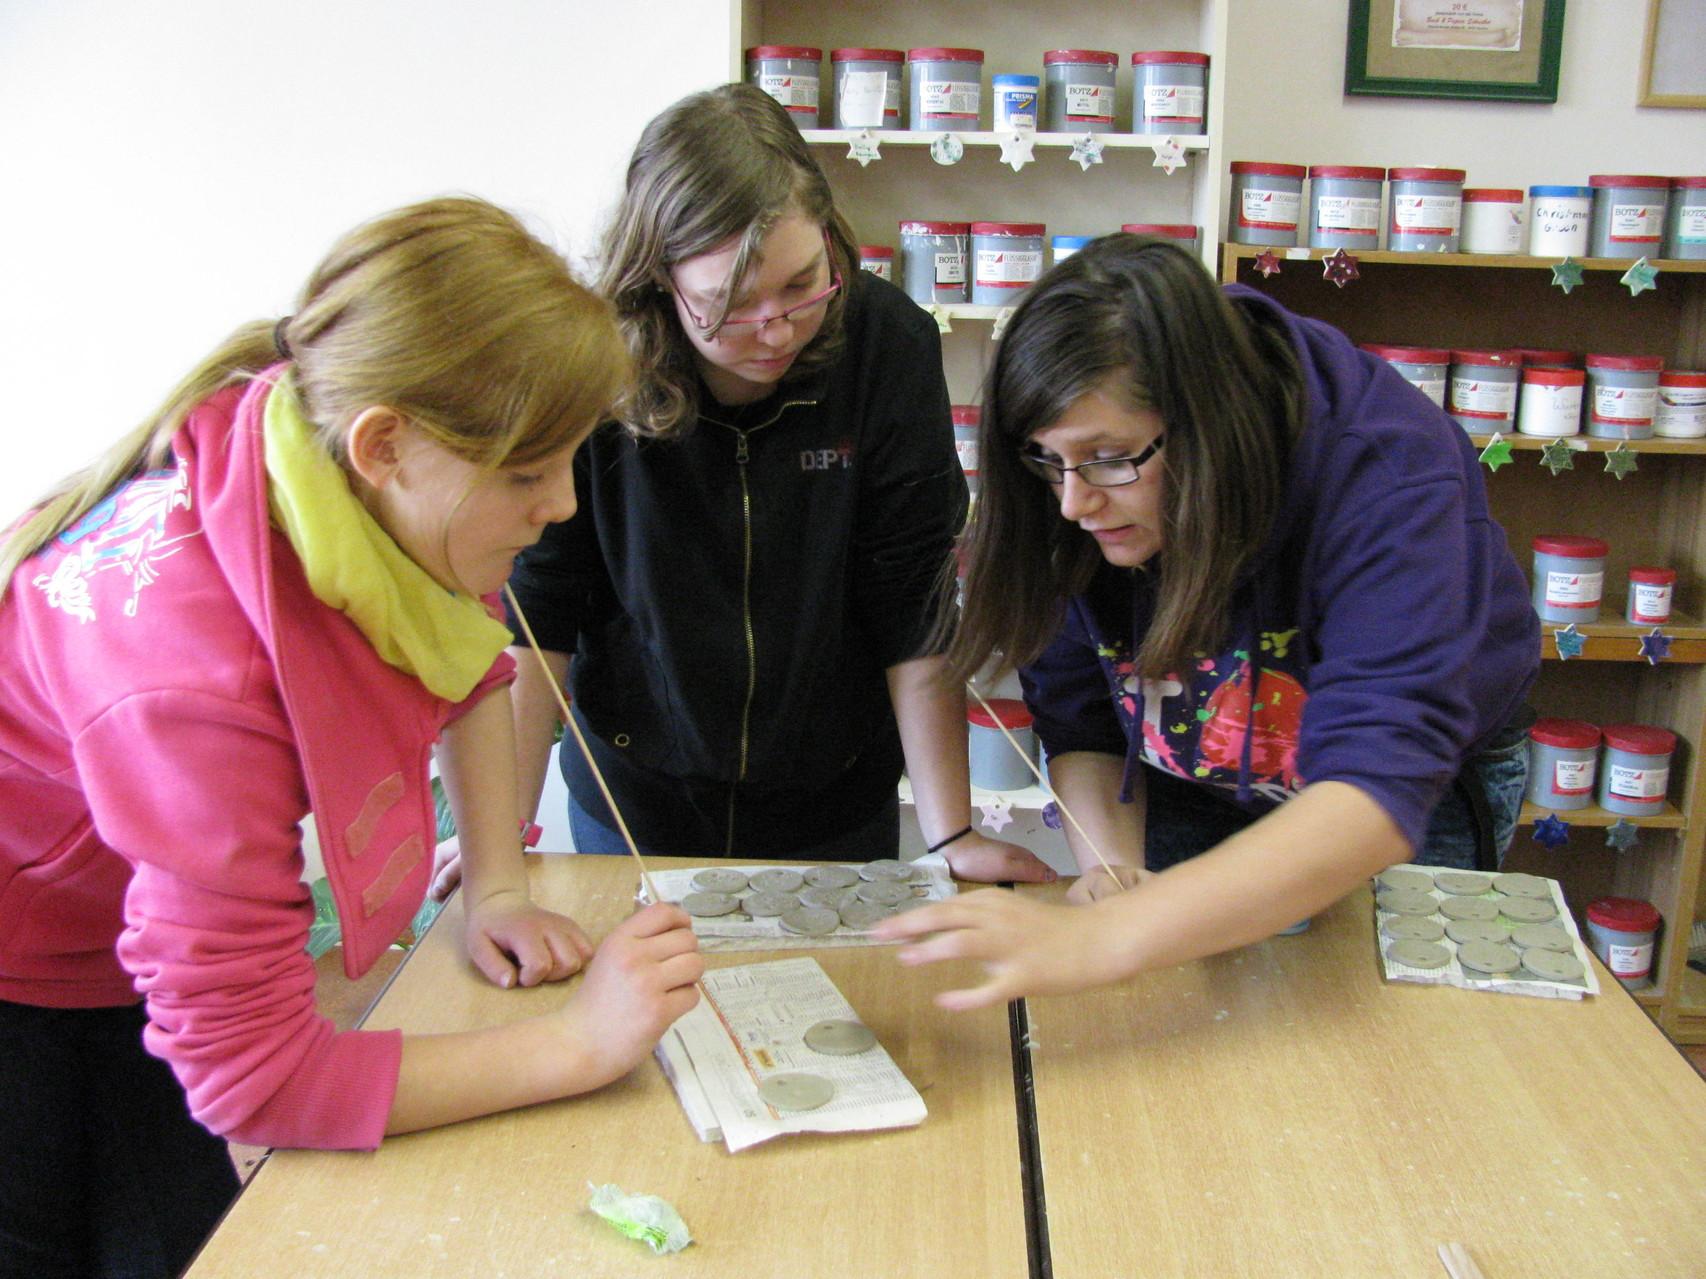 Freitag Nachmittag, wenn schon alle anderen das Schulhaus verlassen haben, arbeiten Sunny, Lea und Corinna noch in ihrer Firma